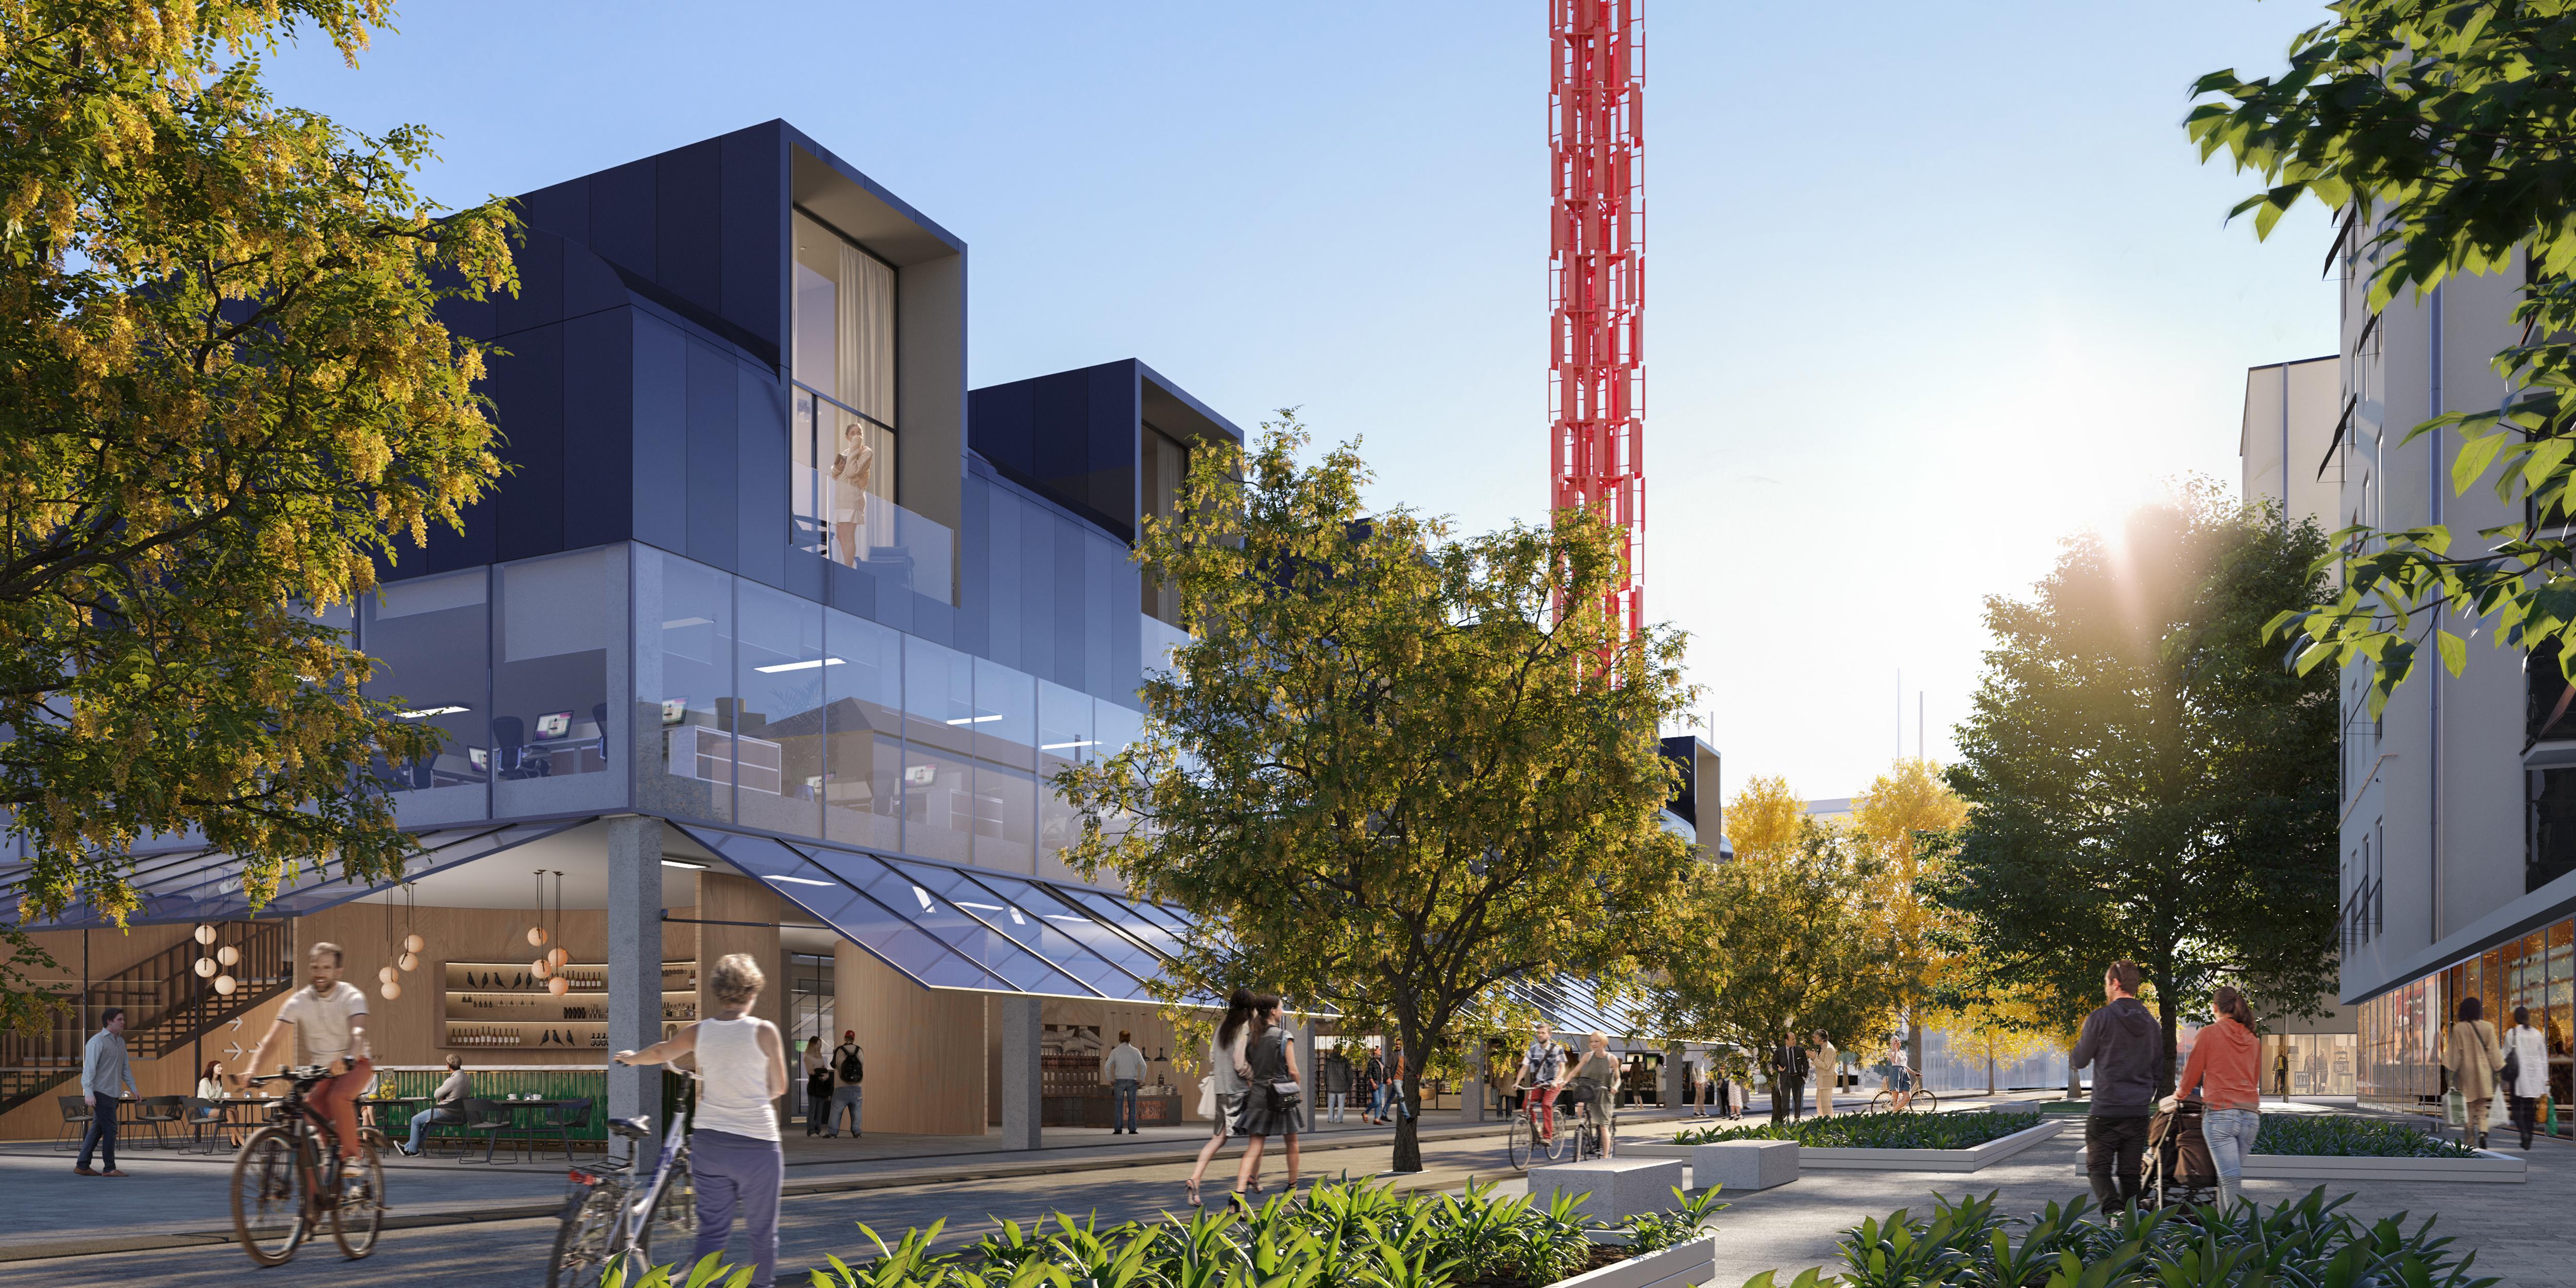 <p>De nieuwe buurtmarkt. Beeld © Renovatio design, courtesy by Metrogramma</p>